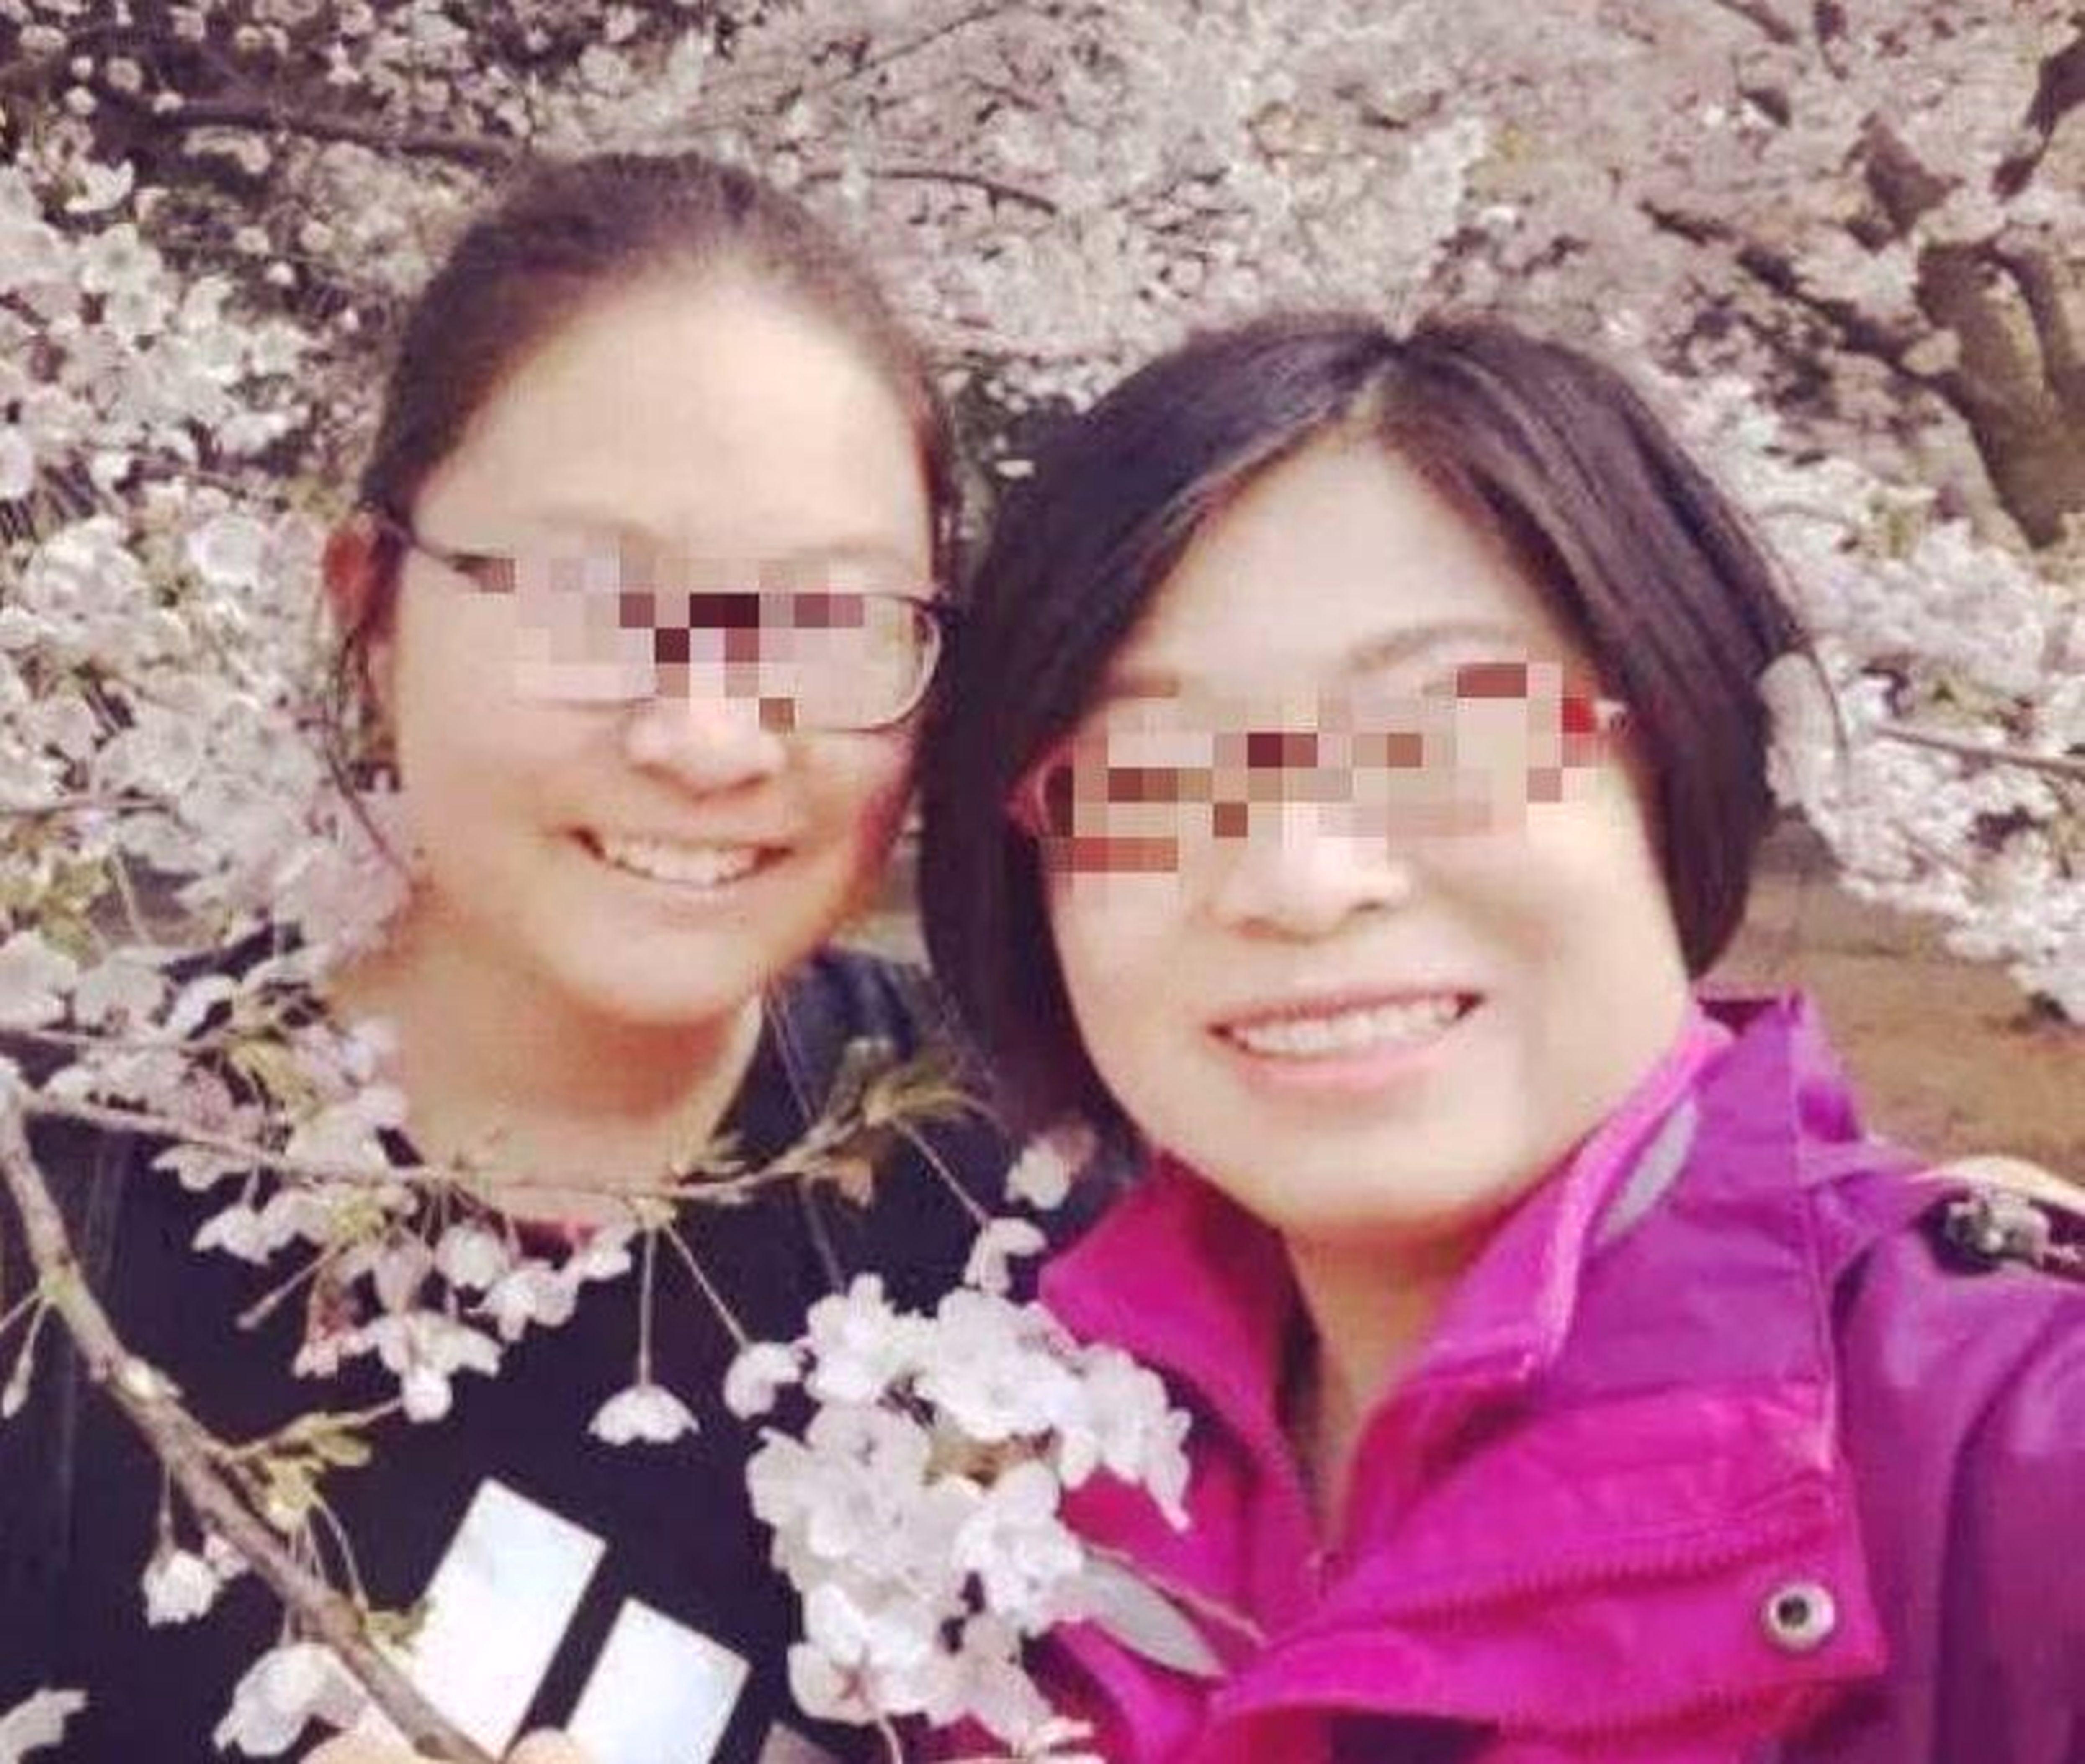 張姓女律師(右)與女兒的合影。(取材自微博)